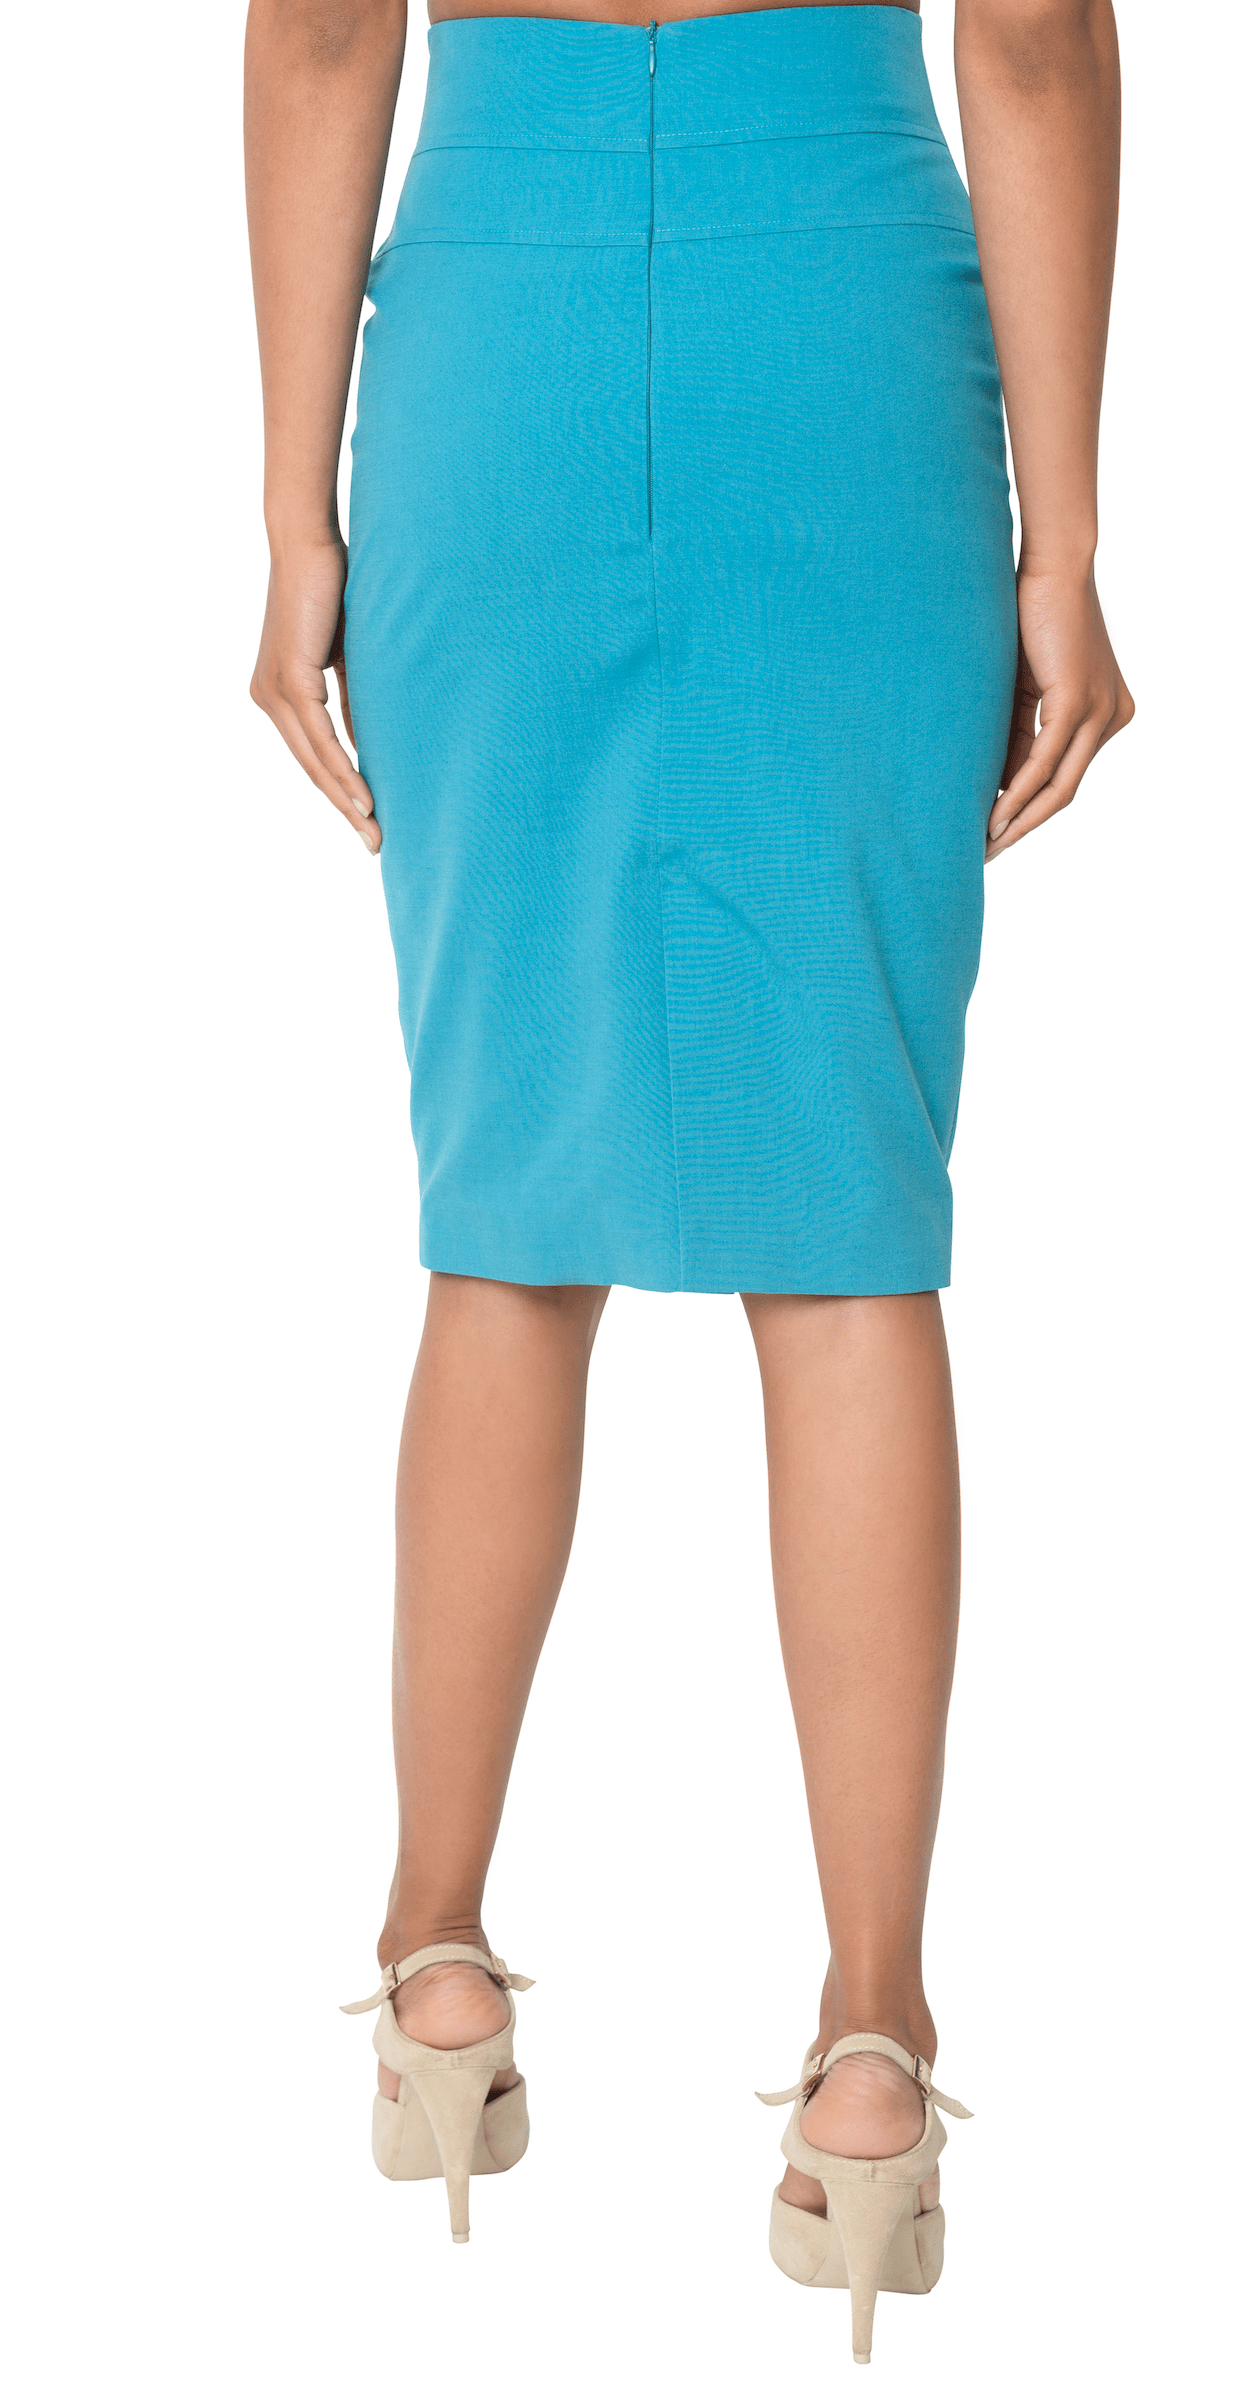 Skirt ALTERF 0